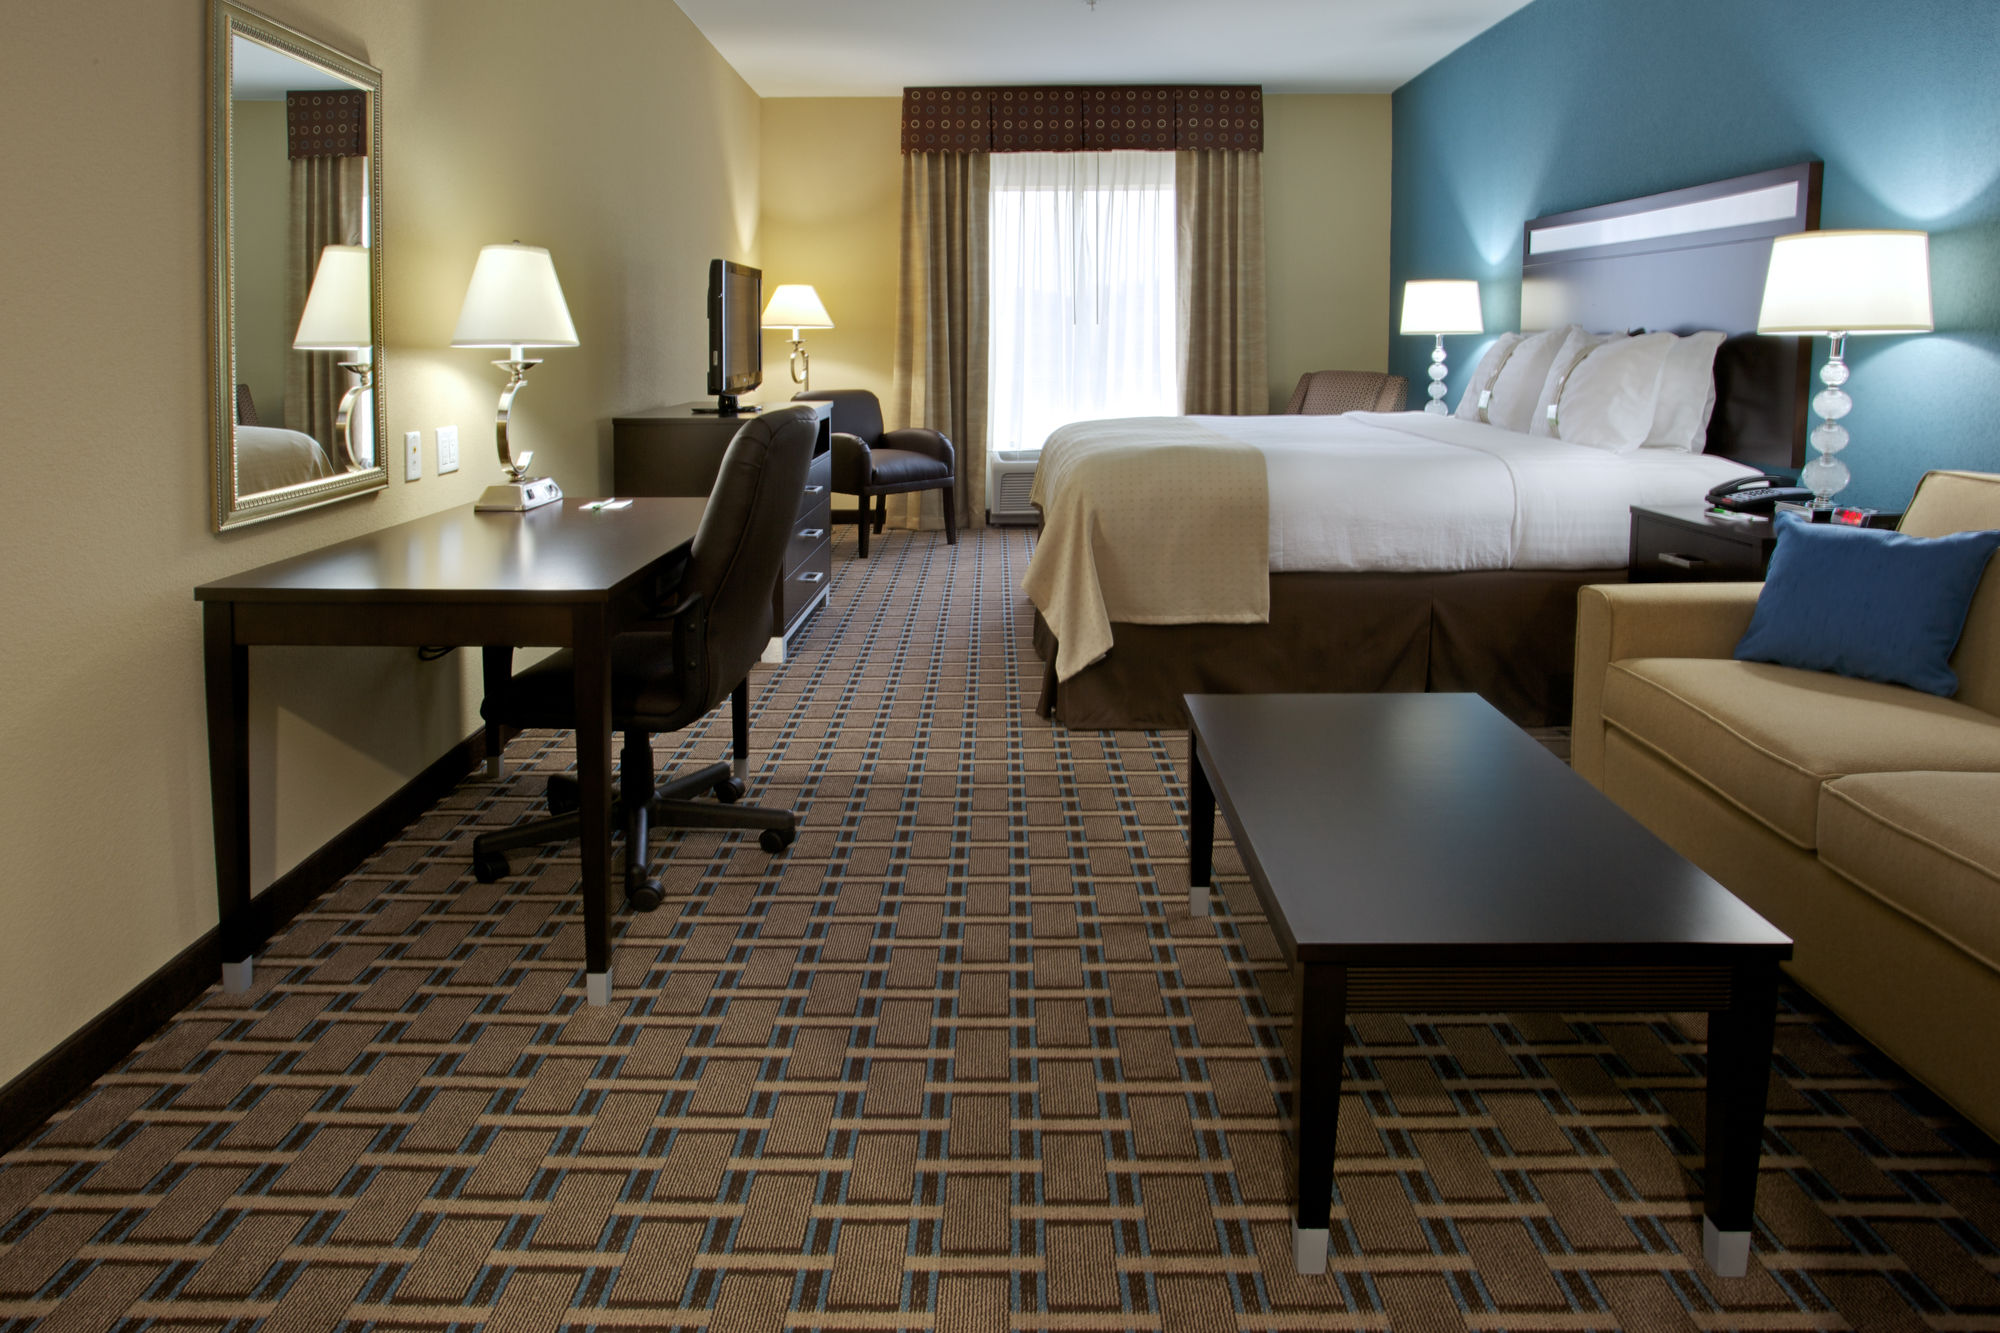 La Quinta Inn Suites Clearlake Webster Webster UnitedStates